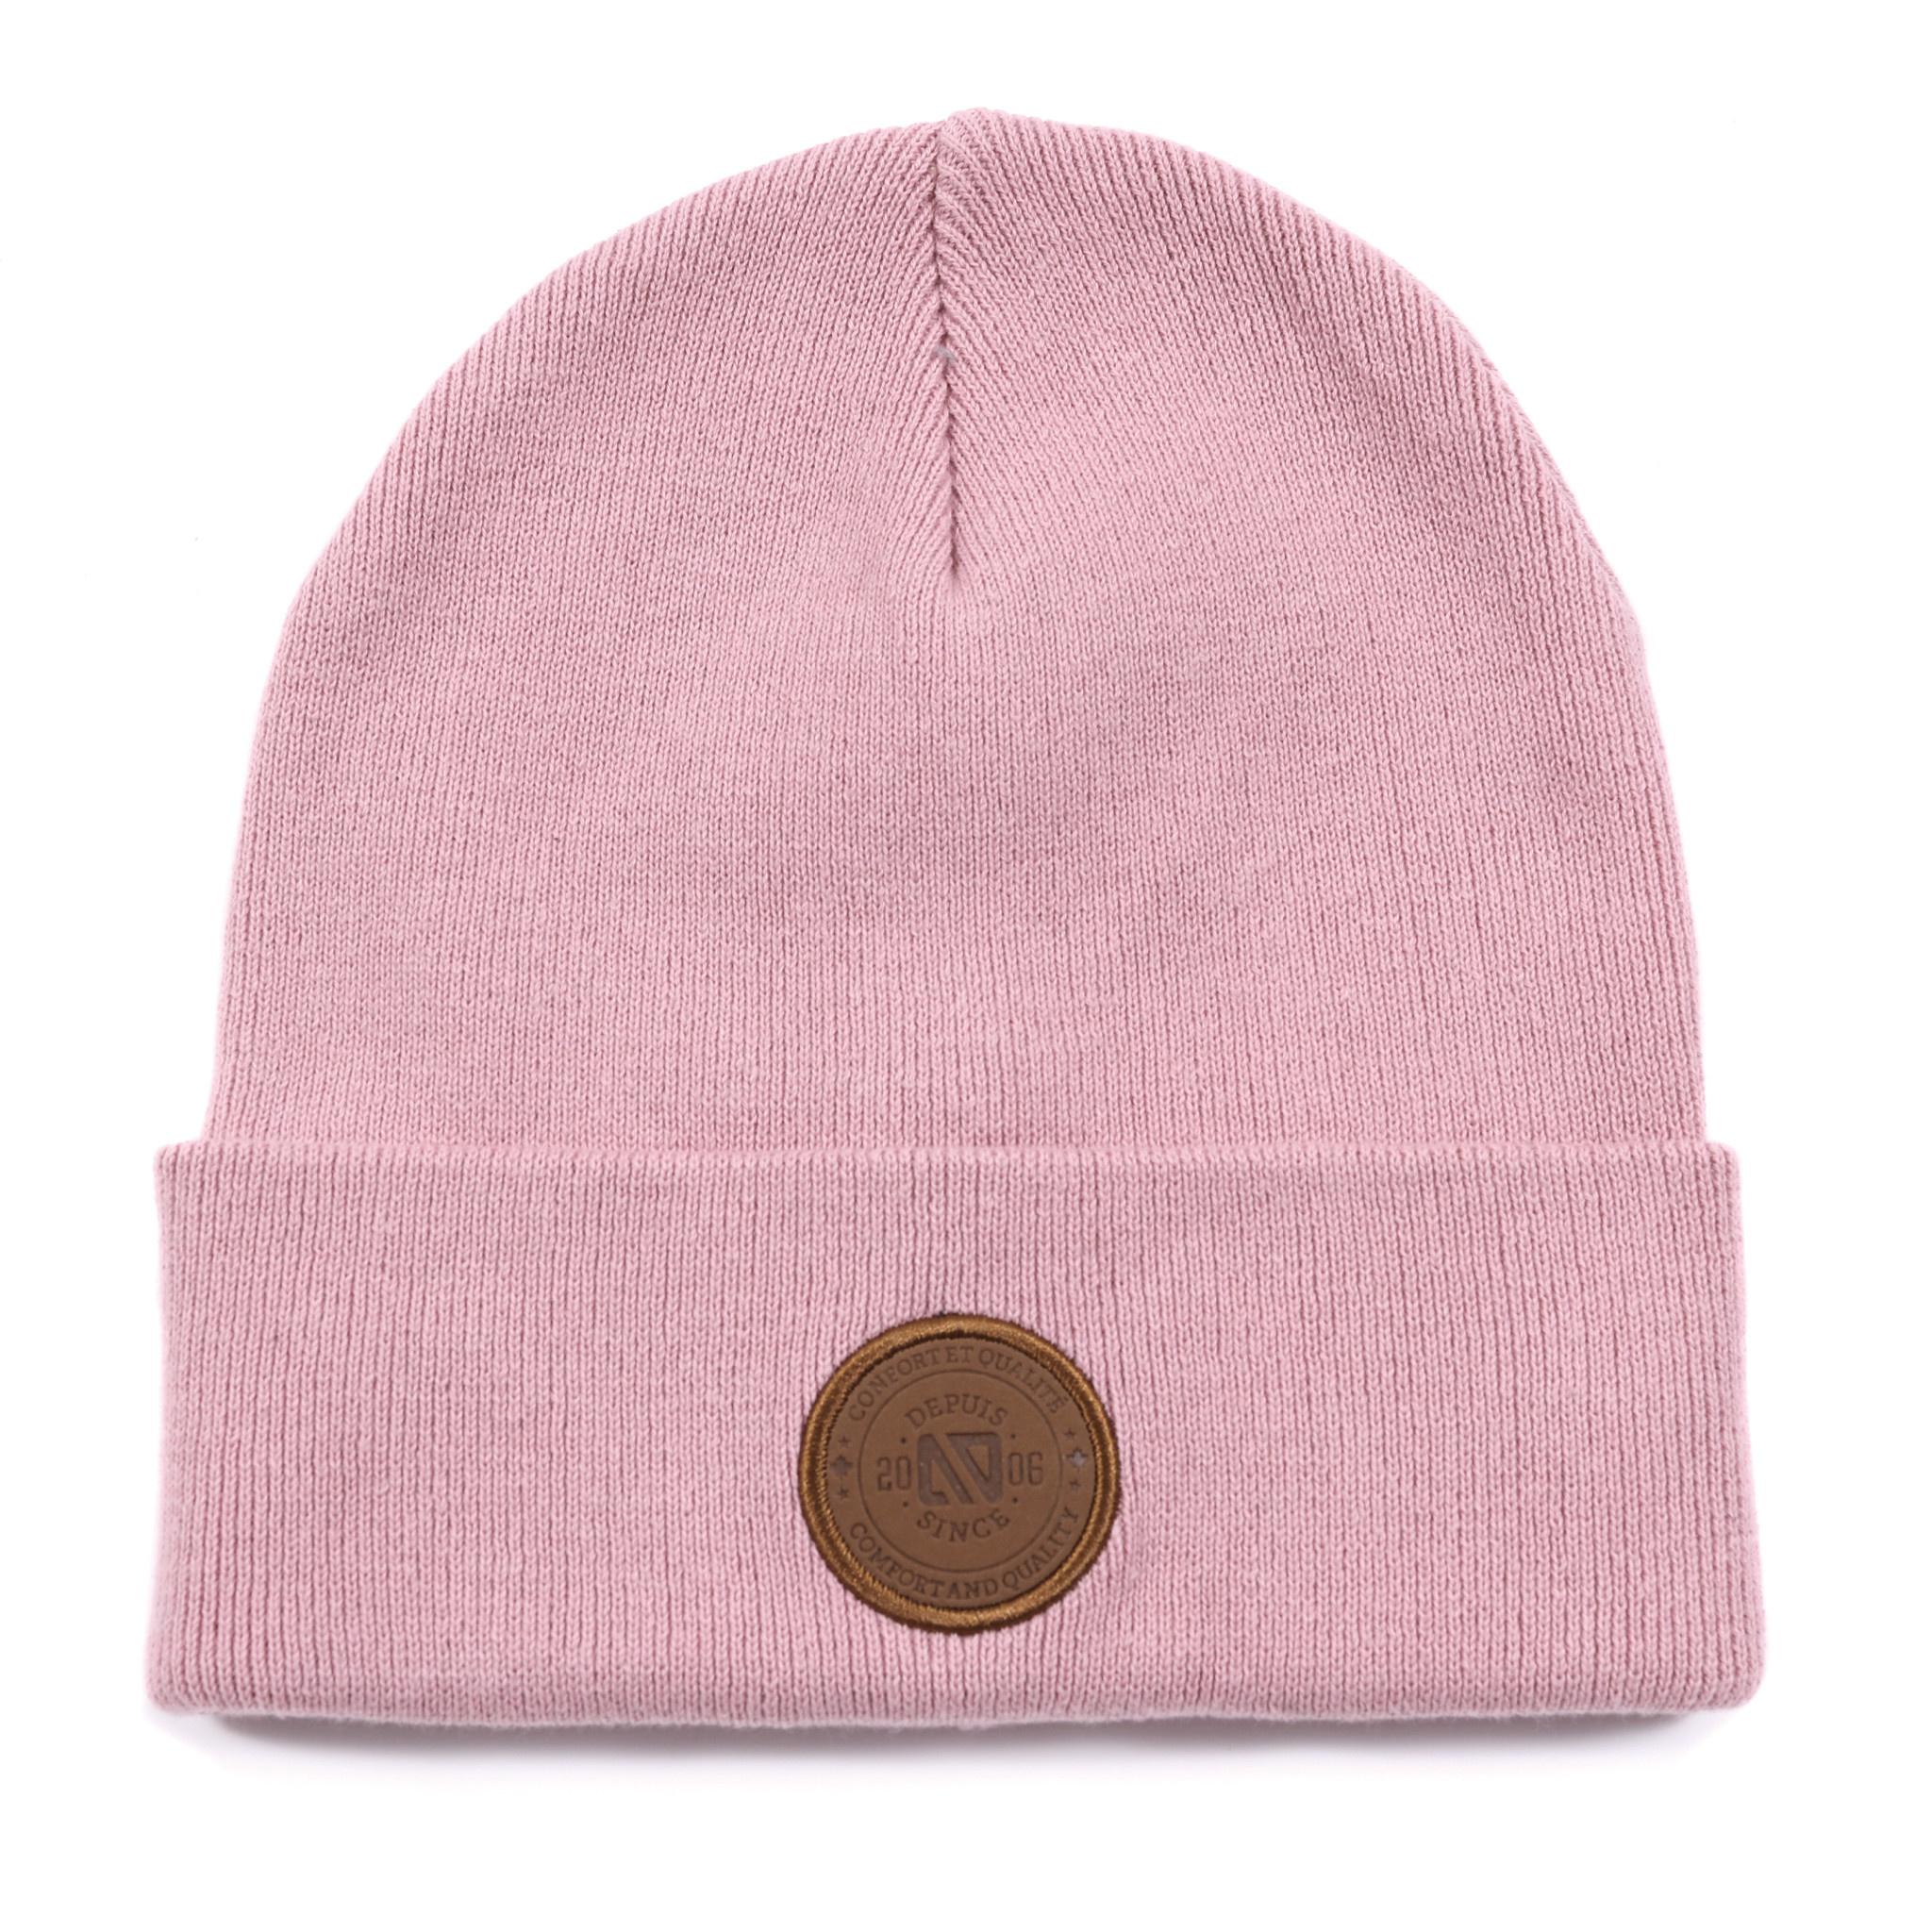 Tuque en tricot Rose-1